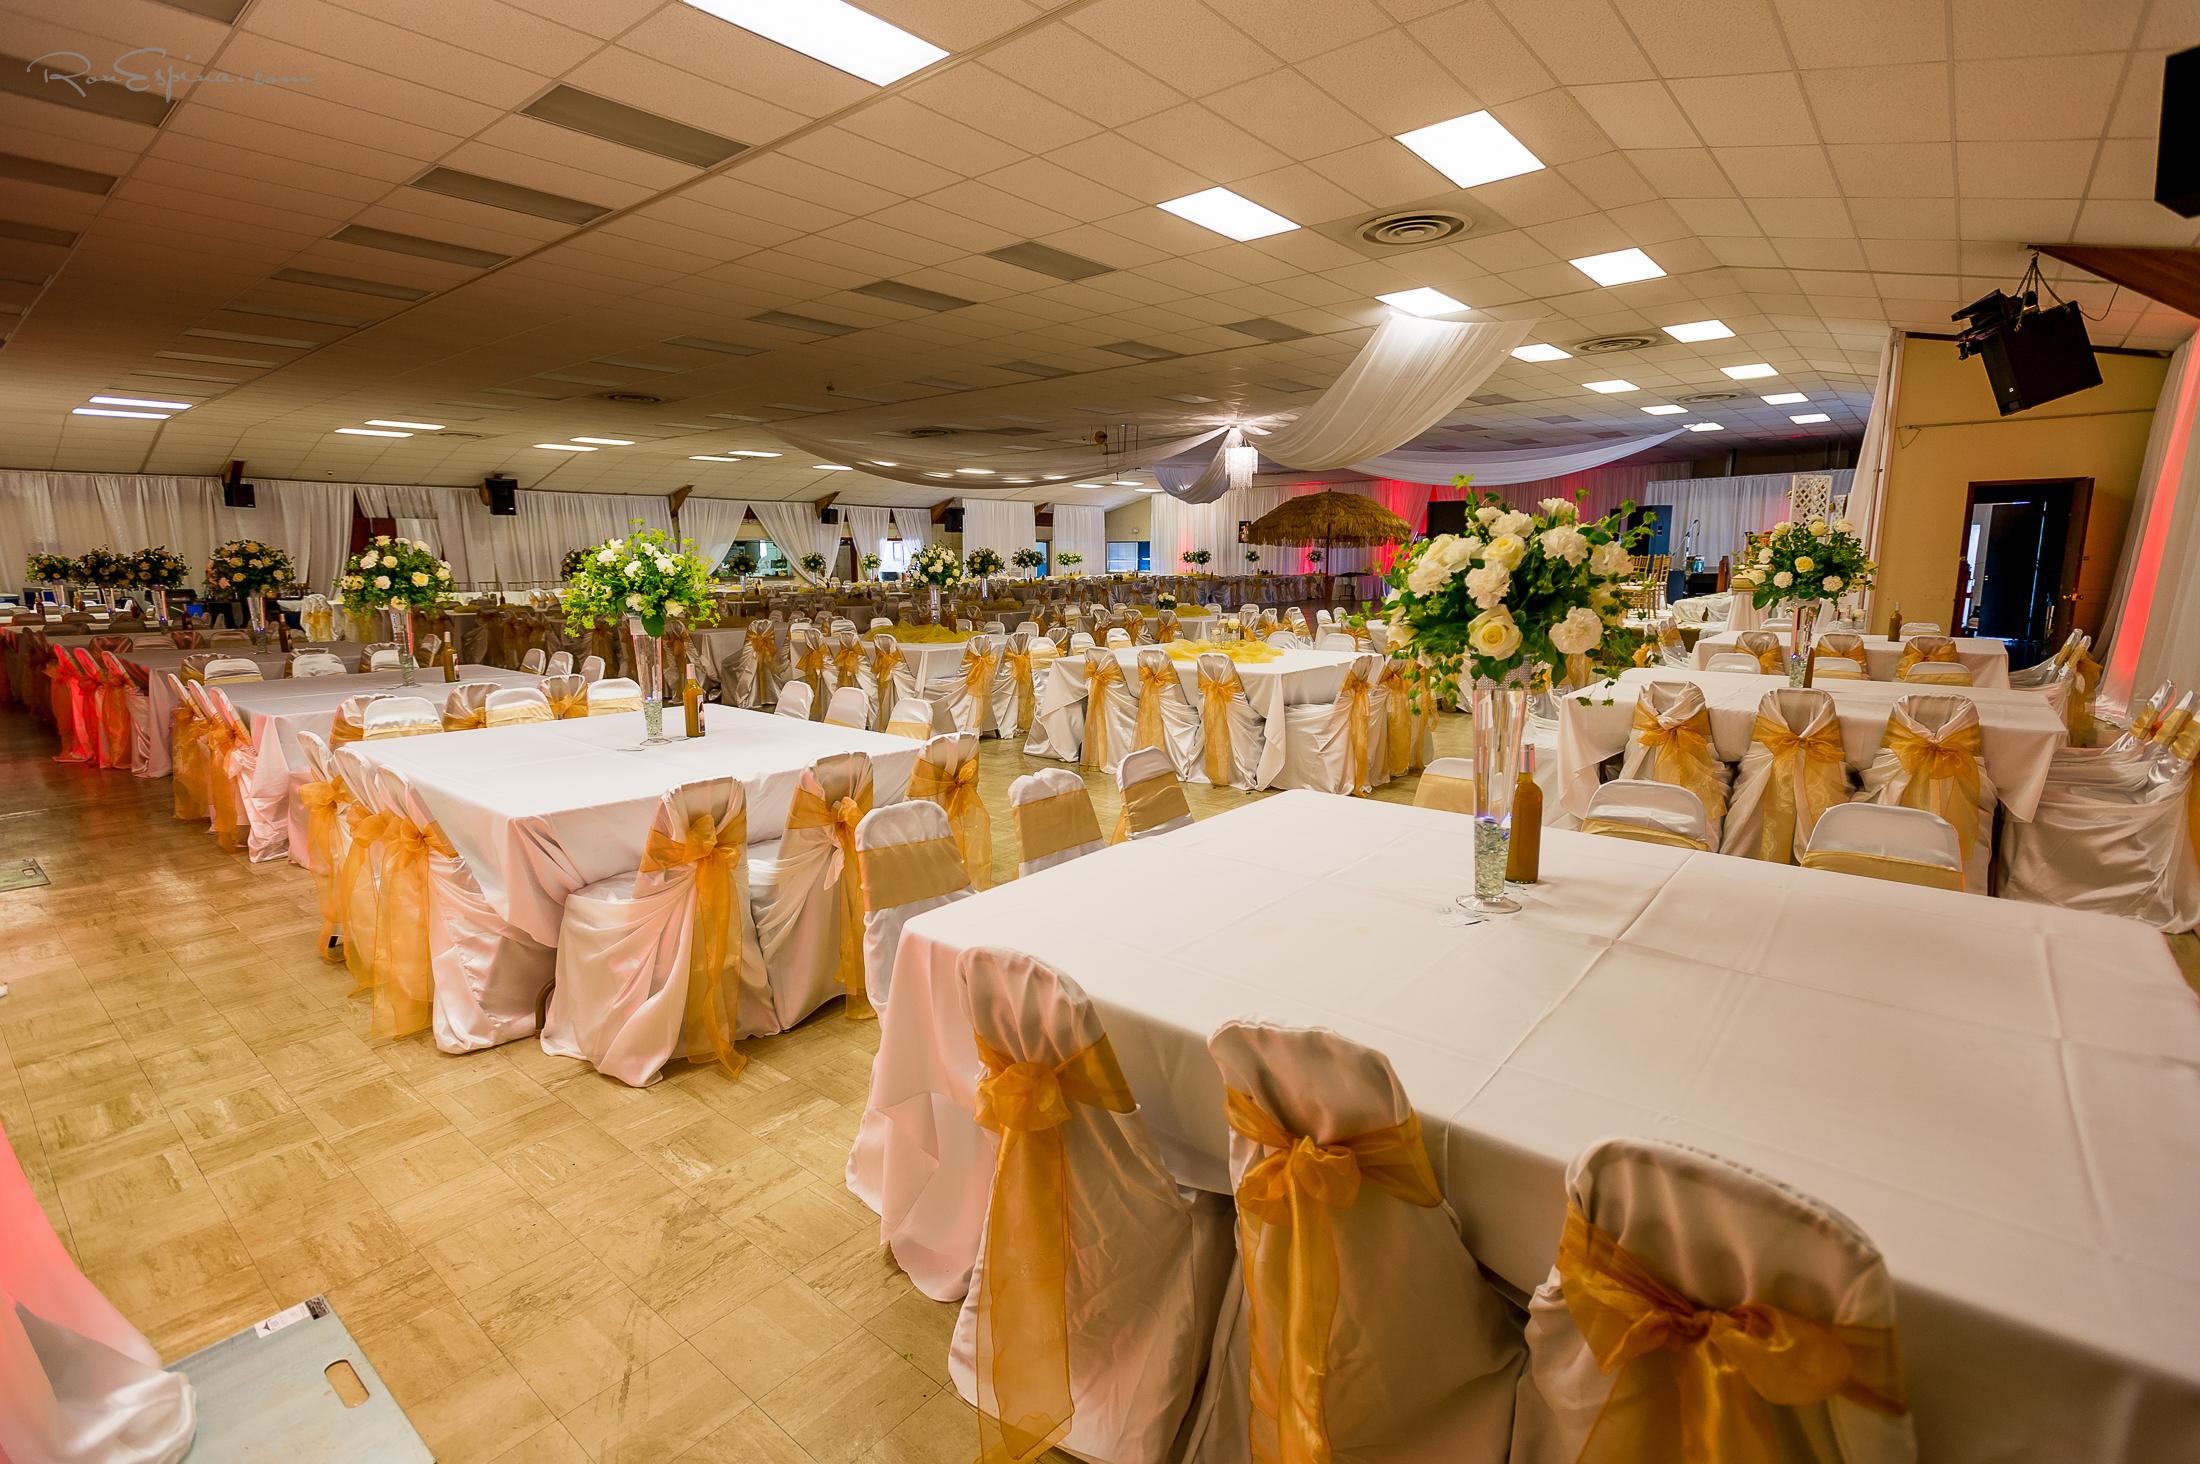 habesha weddings ronespina.com Habesha weddings by ronespina.com #HabeshaWedding#ronespina.com Habesha Bride #Habesha Bride